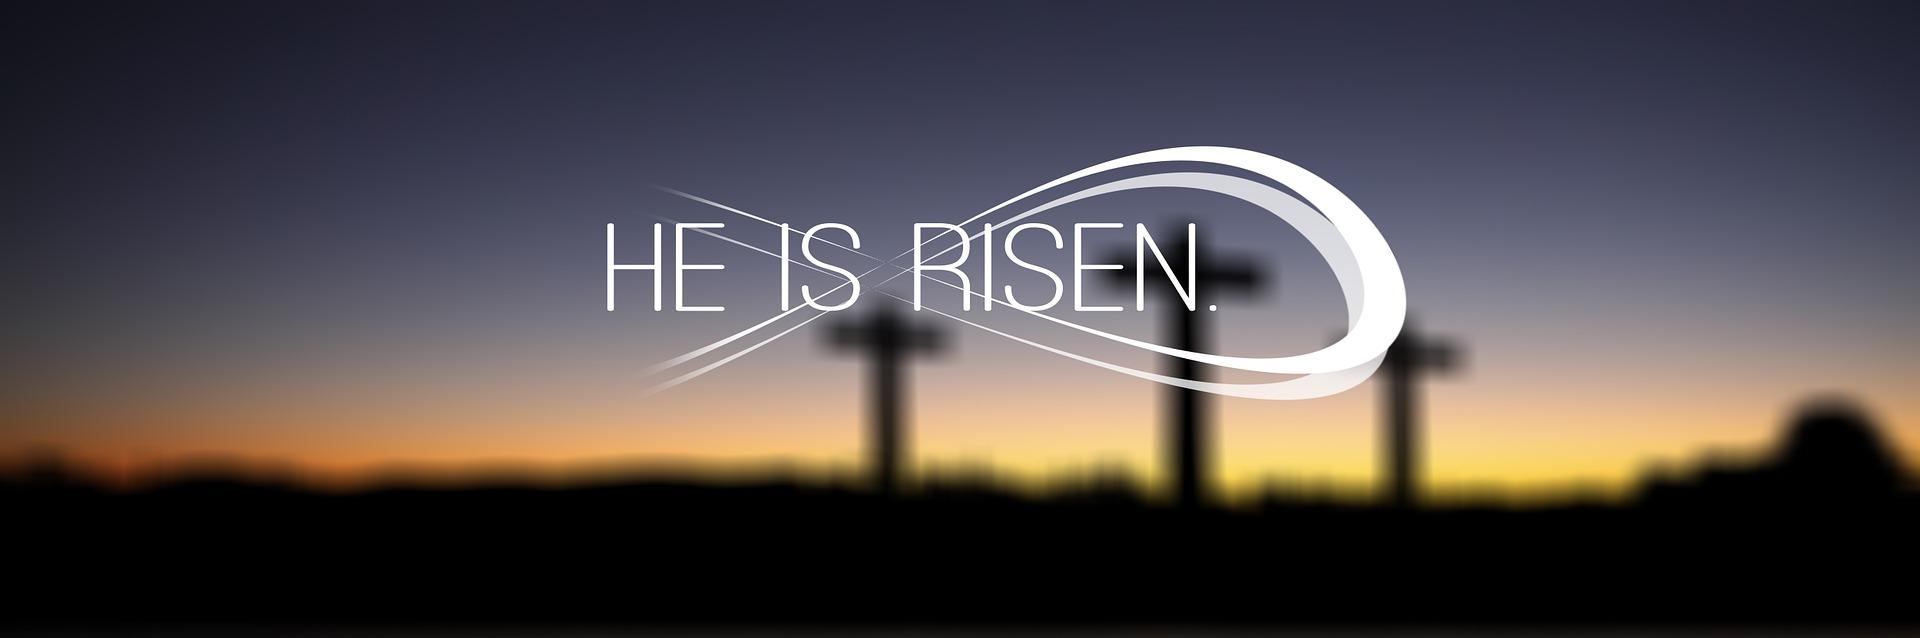 Lebt liedtext jesus weil Halleluja! Jesus